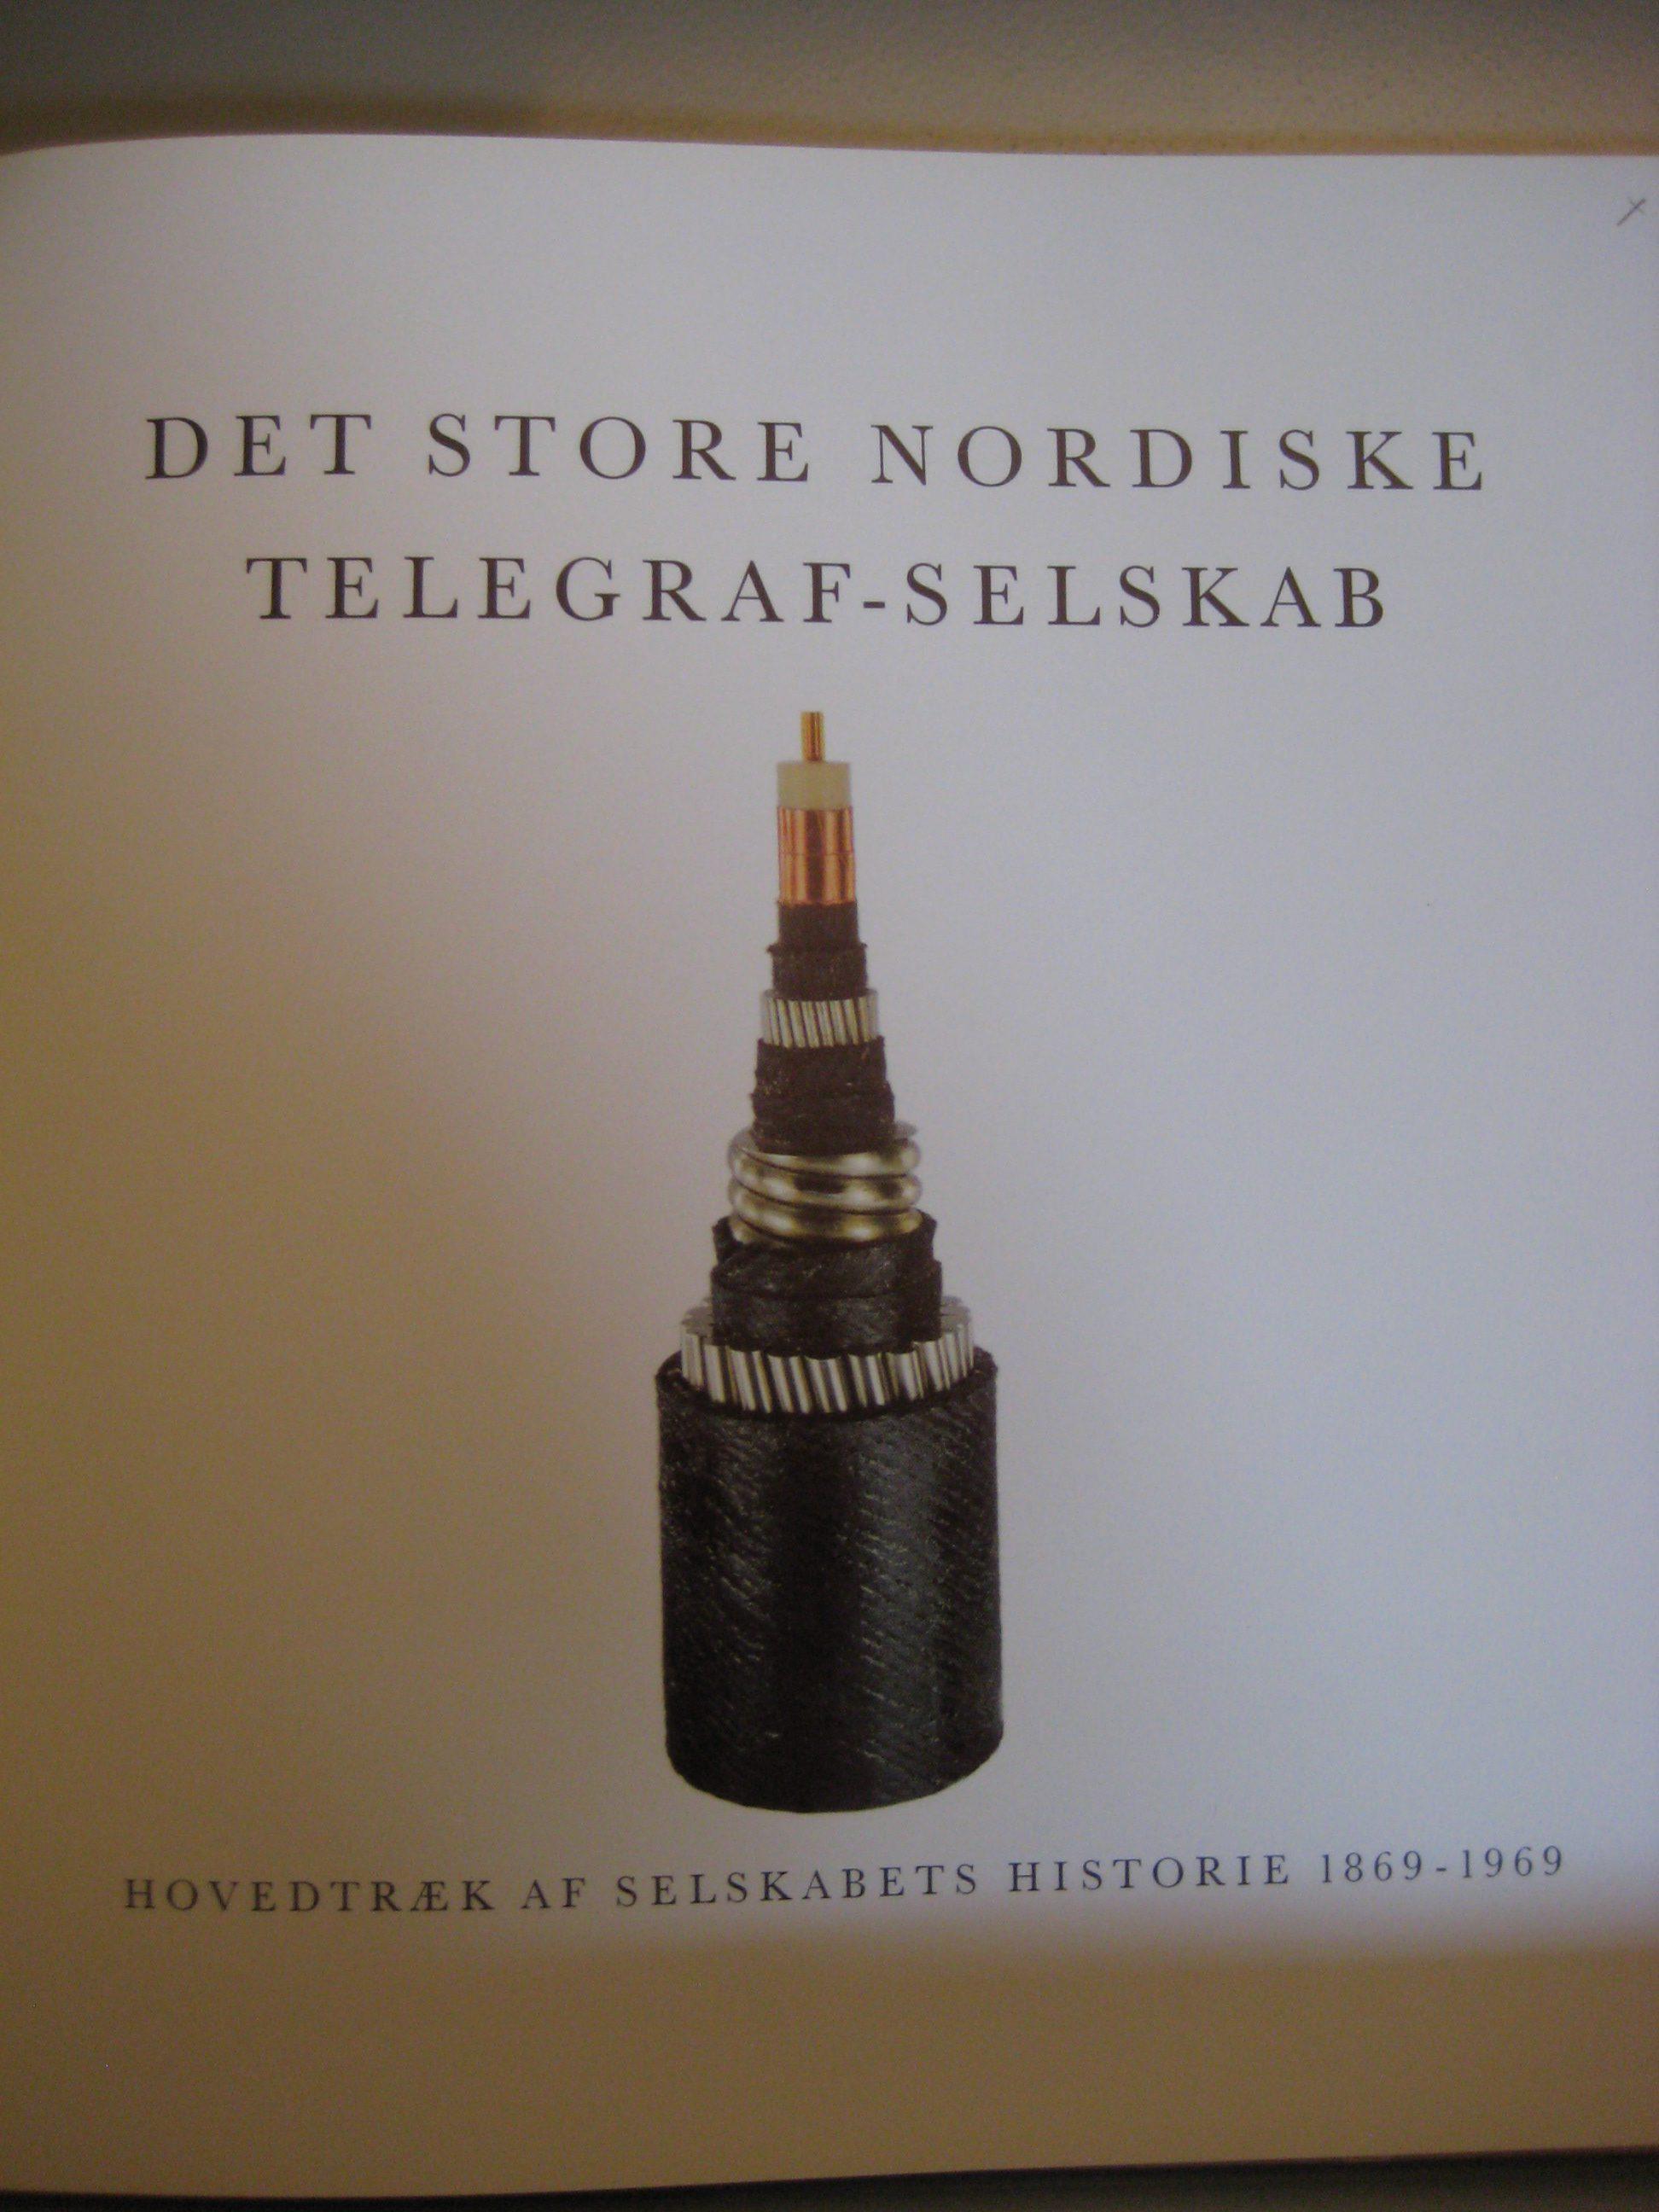 Det Store Nordiske Telegraf- Selskab